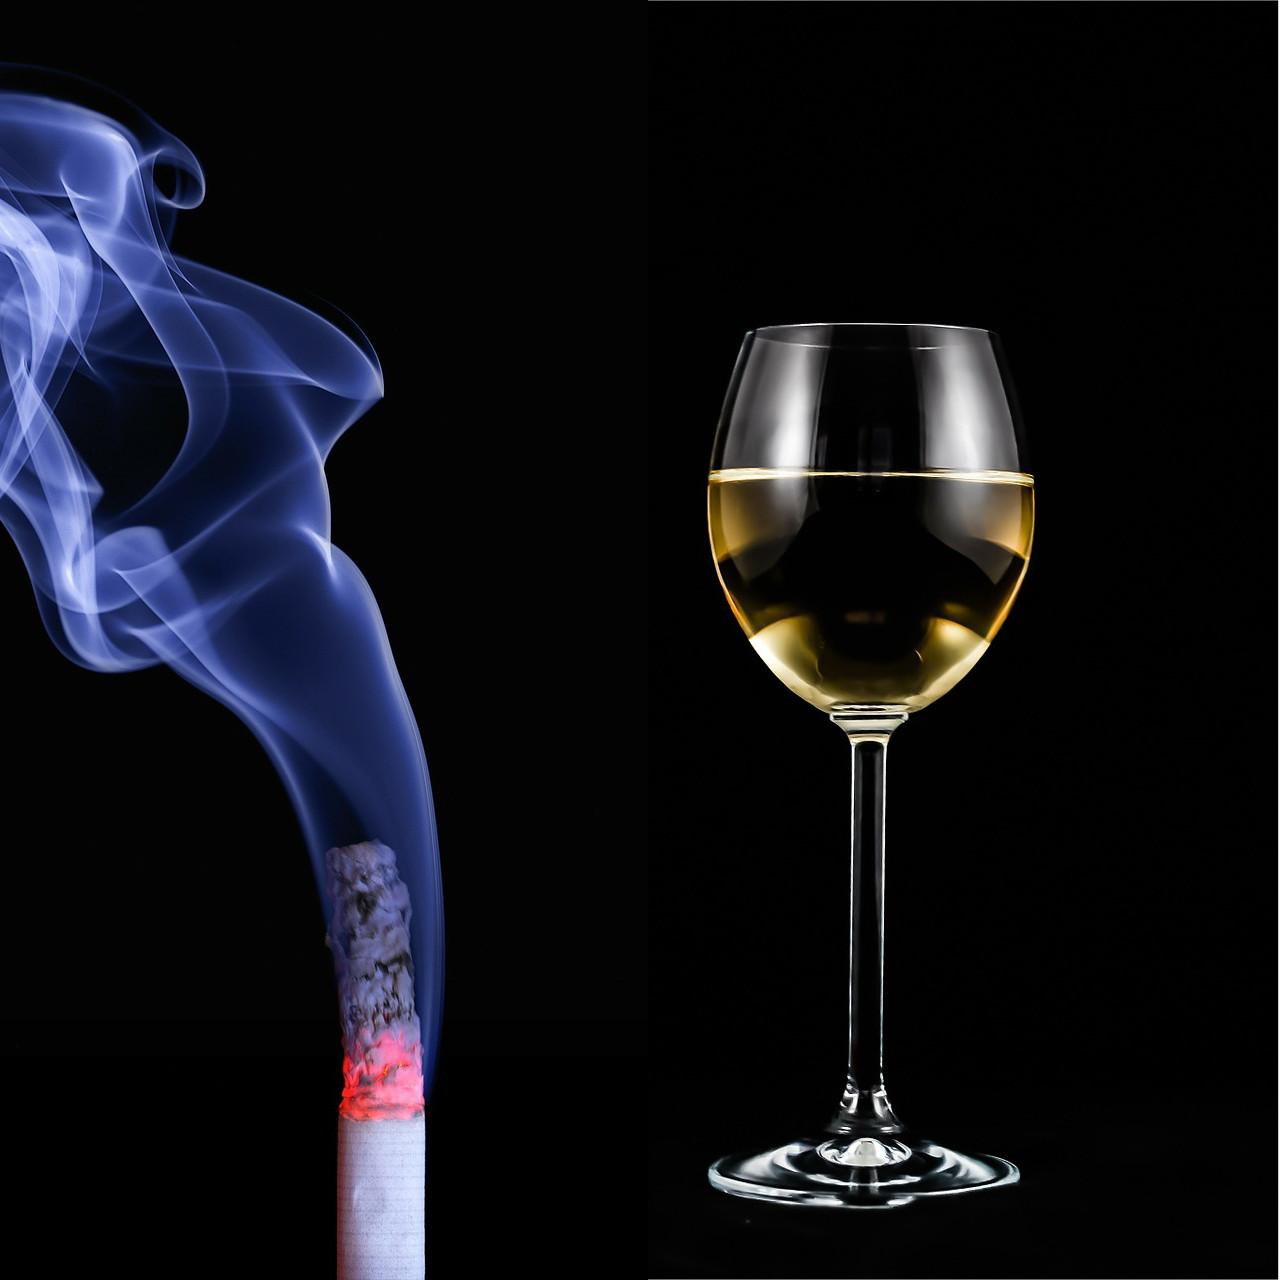 Das Forum jenen wer will Rauchen aufgeben